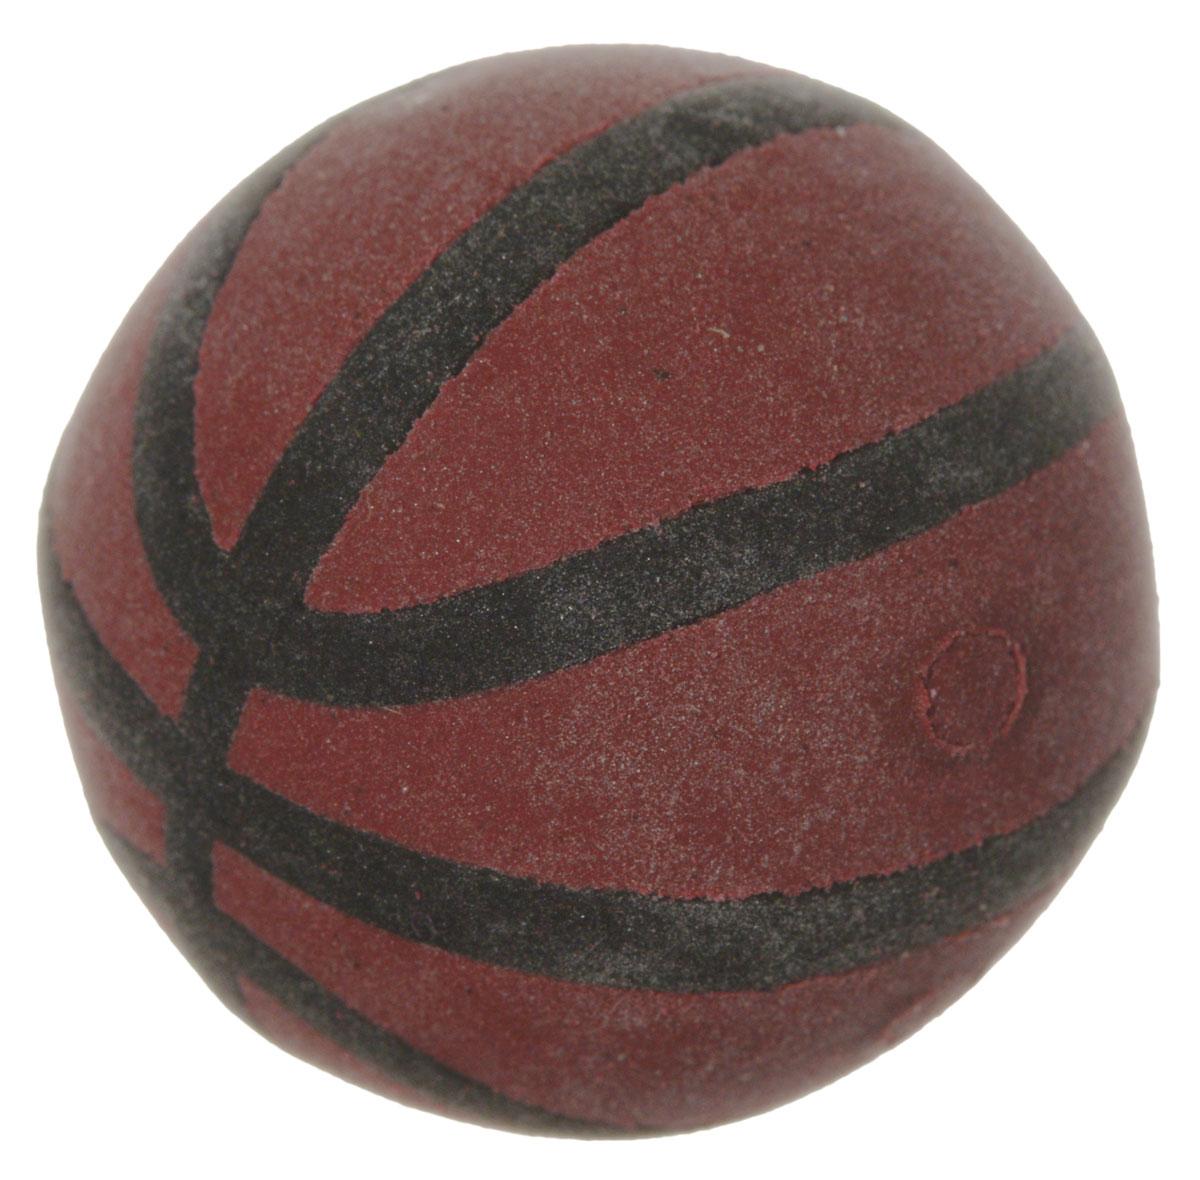 Brunnen Ластик Мяч баскетбольный цвет коричневый27335\BCD_коричневыйЛастик Brunnen Мяч баскетбольный станет незаменимым аксессуаром на рабочем столе не только школьника или студента, но и офисного работника. Выполнен ластик в виде мячика коричневого цвета. Он легко и без следа удаляет надписи, сделанные карандашом.